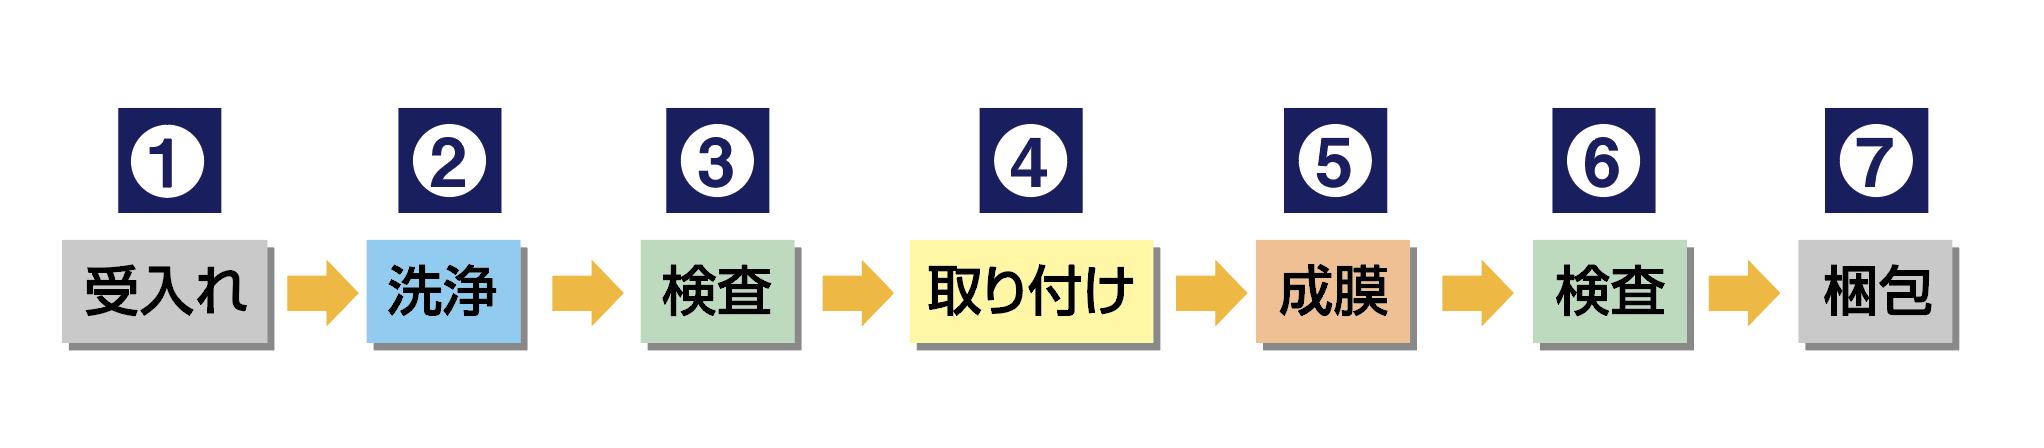 作業工程図